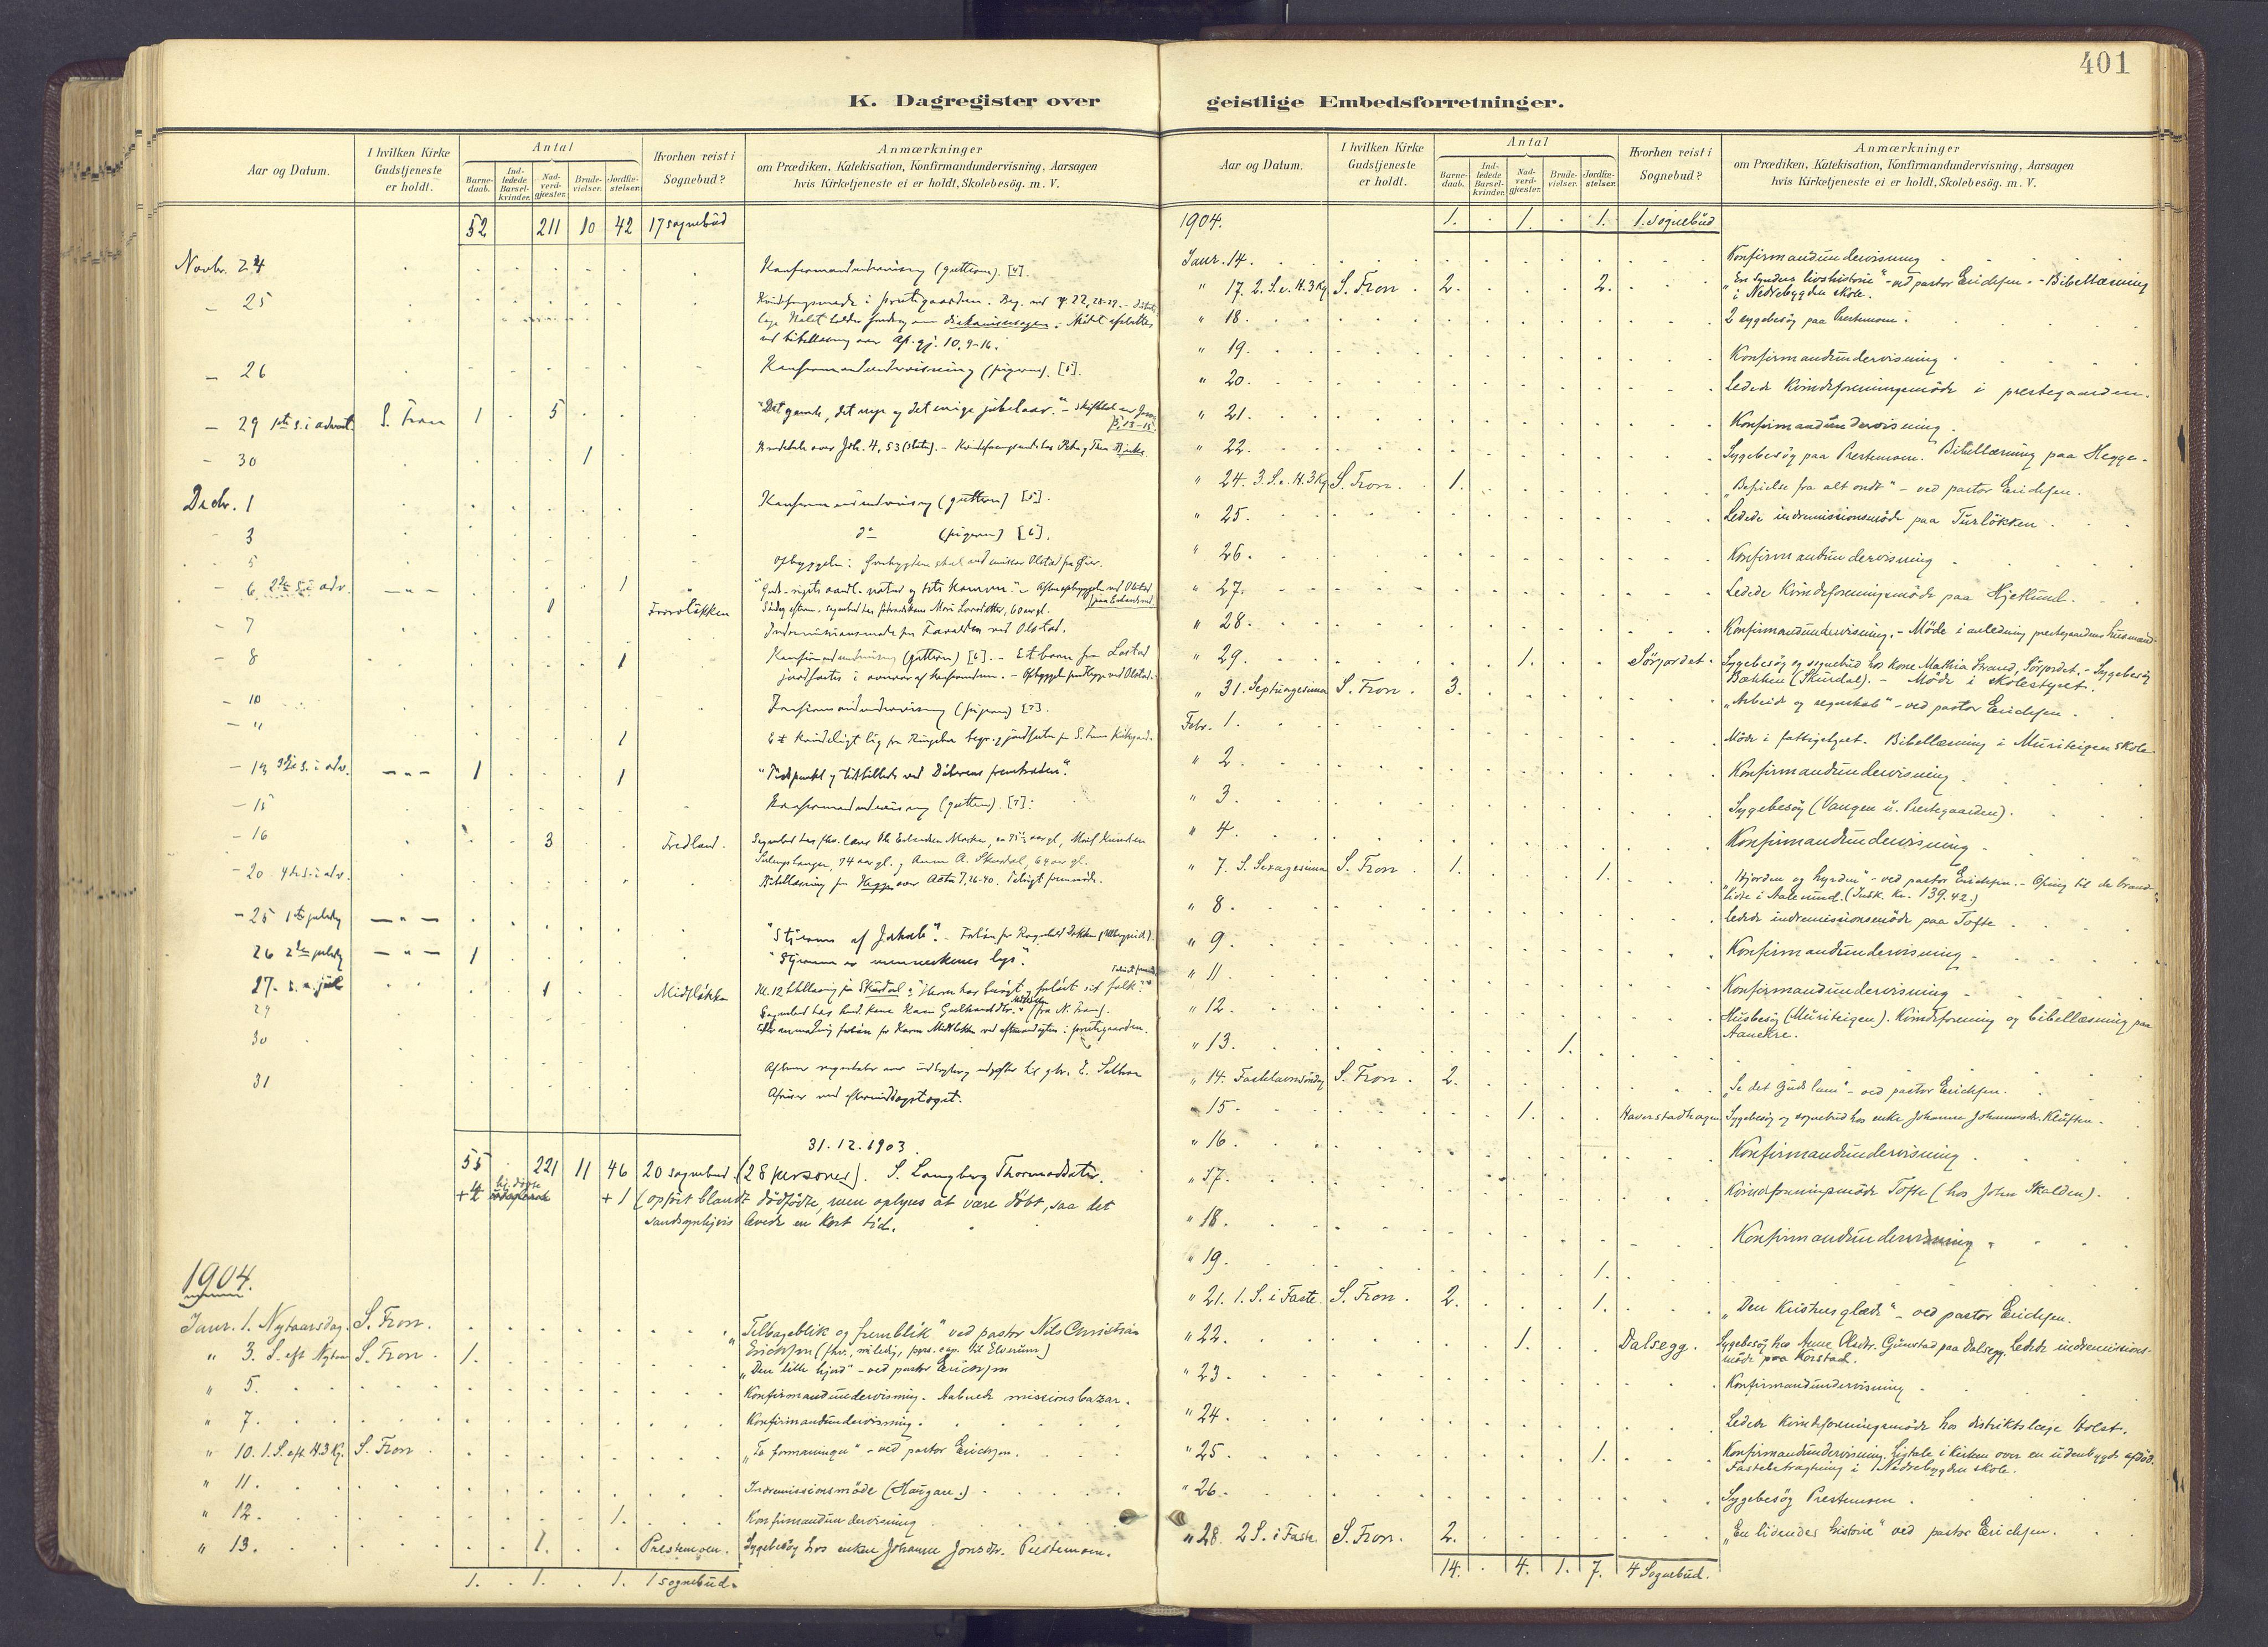 SAH, Sør-Fron prestekontor, H/Ha/Haa/L0004: Ministerialbok nr. 4, 1898-1919, s. 401